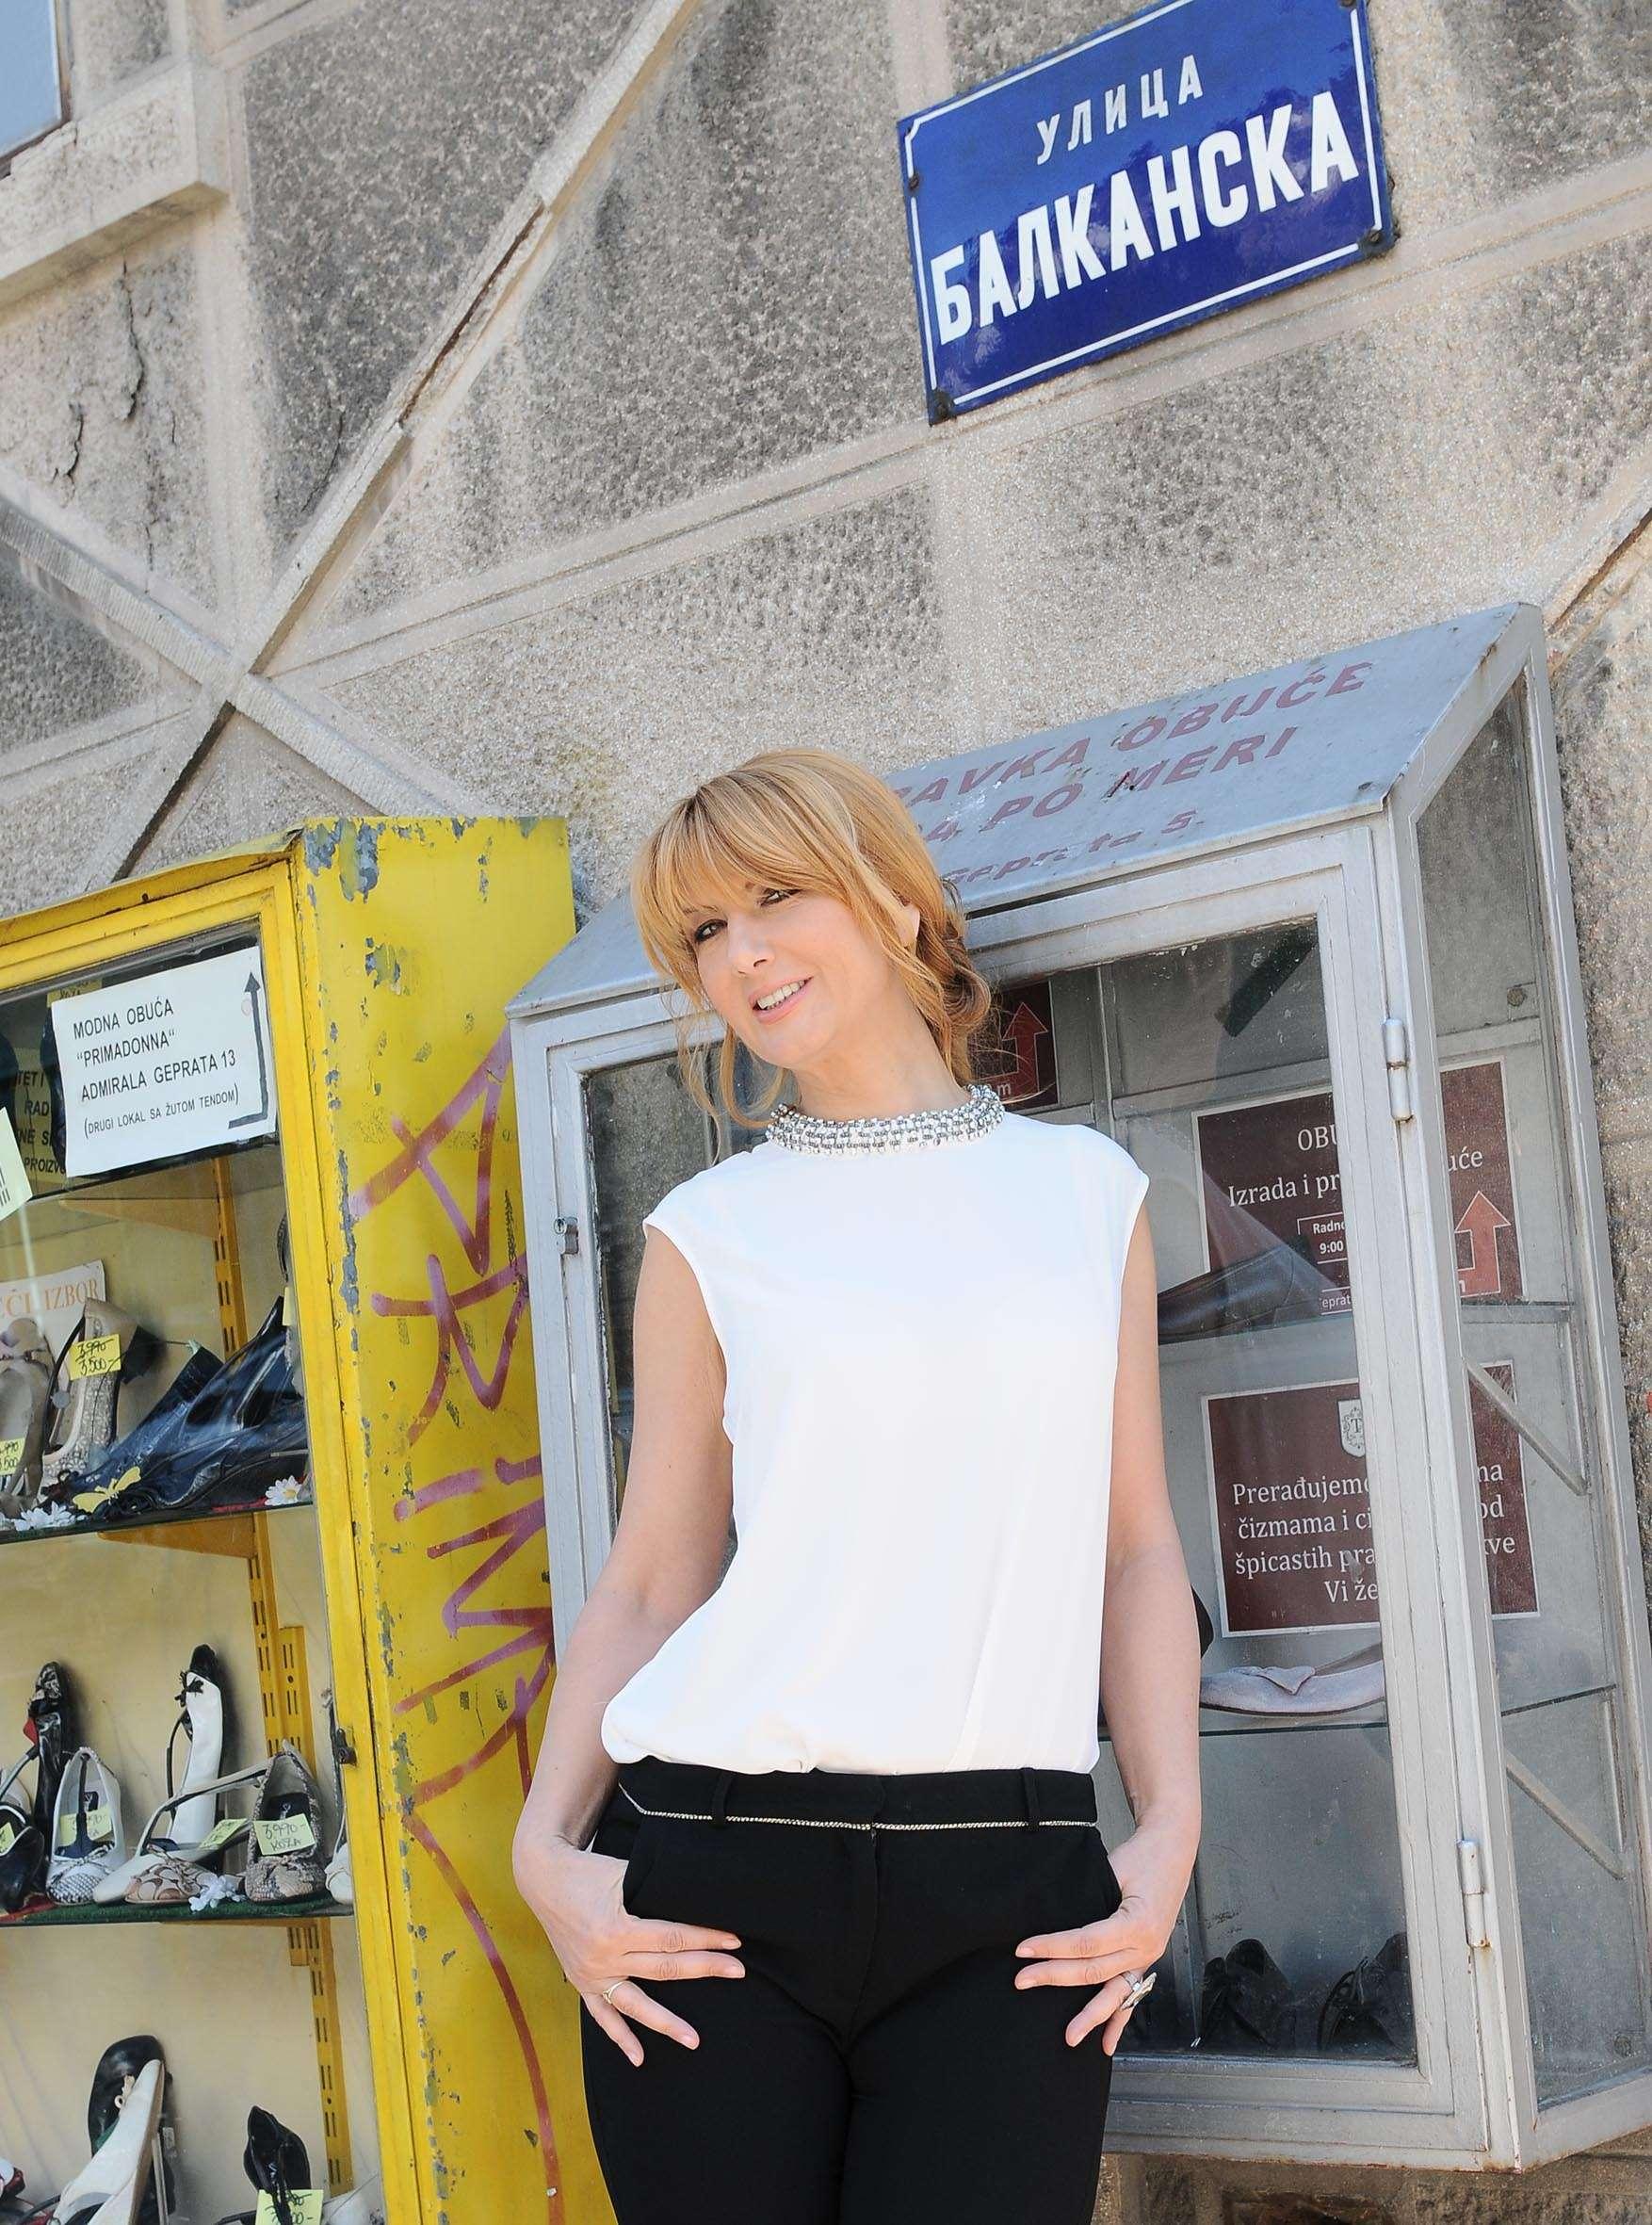 Vesna Dedic, Pola Duse